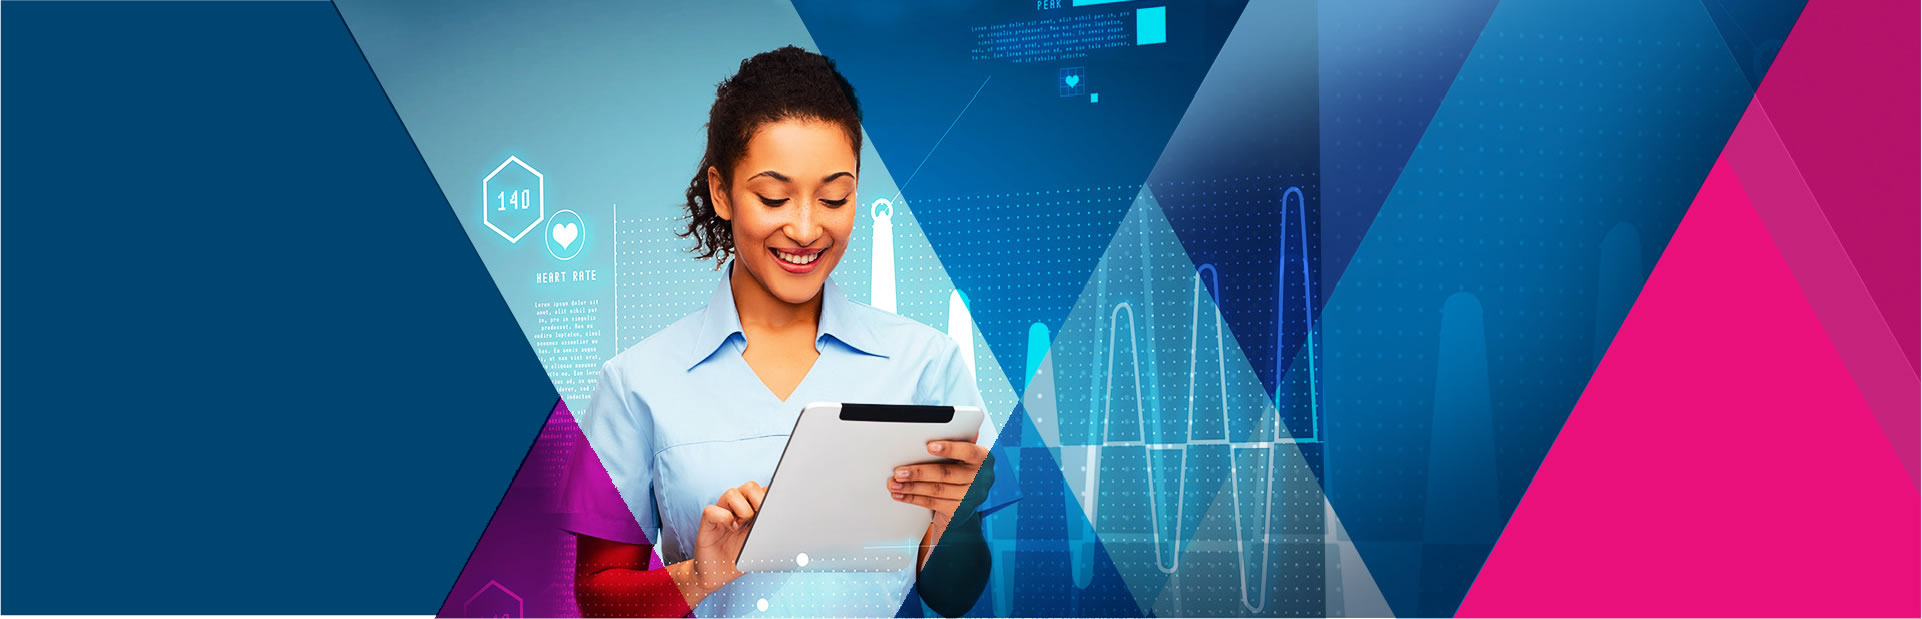 tecnologia la misericordia clinica